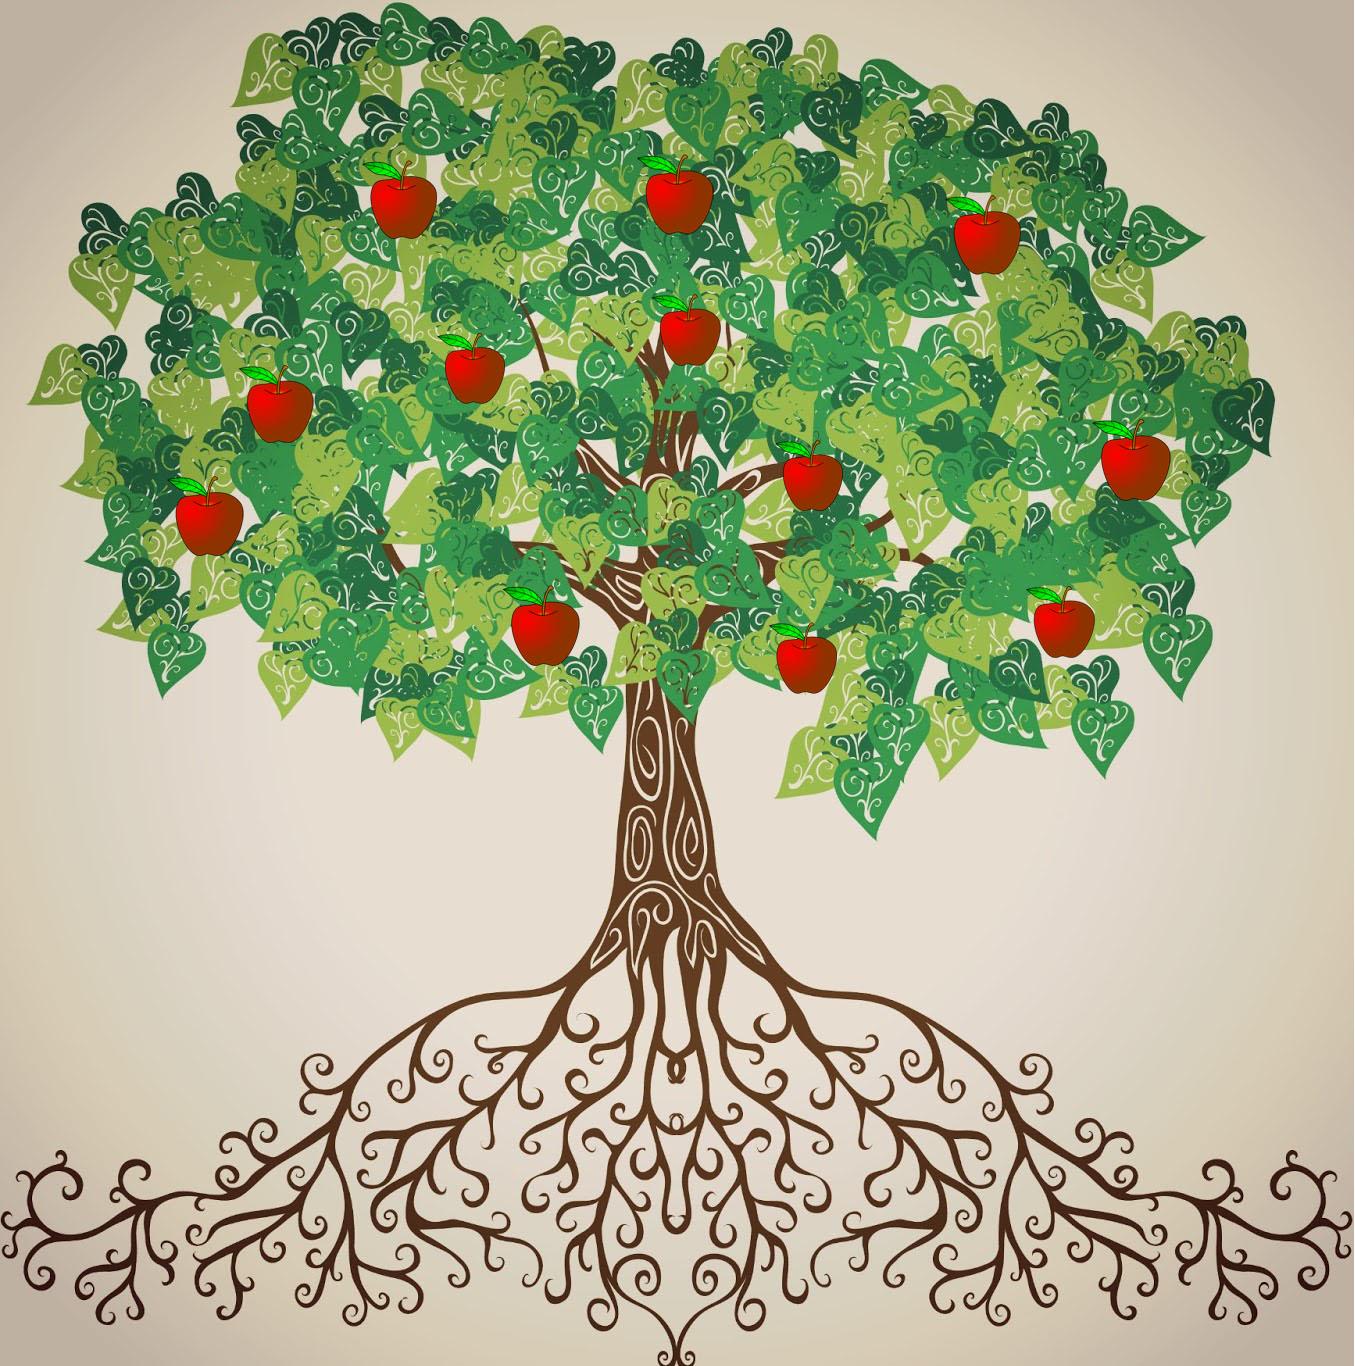 El ba l de tantarantan el rbol de los logros for Arbol de frutos rojos pequenos